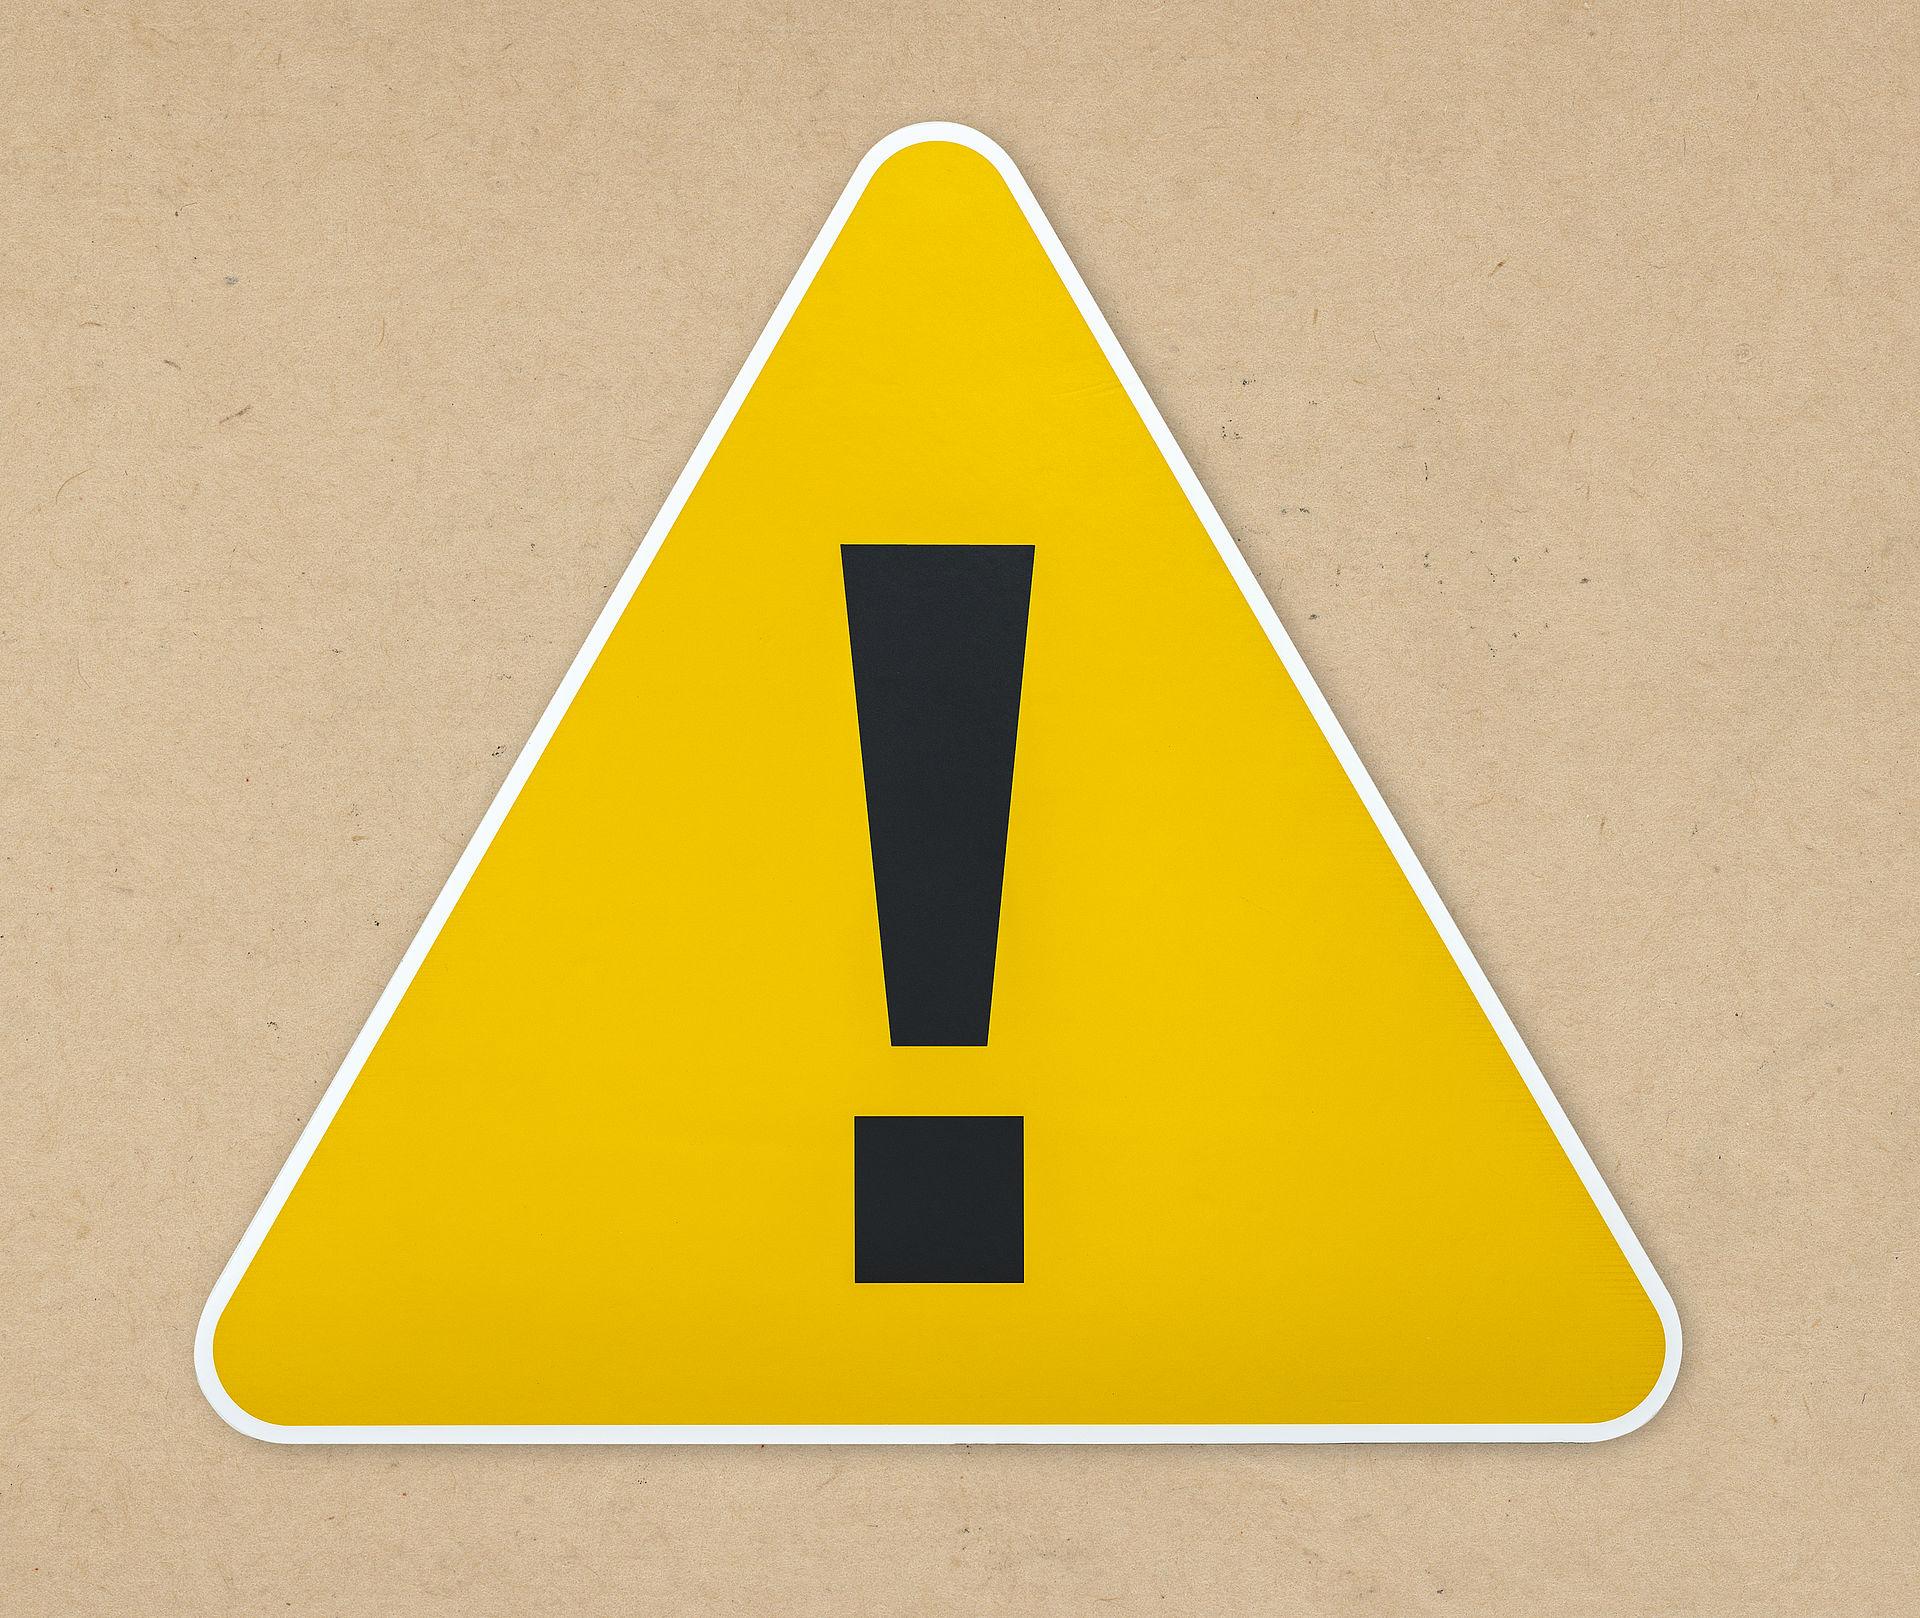 Attention aux tentatives de phishing et hameçonnage liées à la mise en place de la vaccination anti-Covid